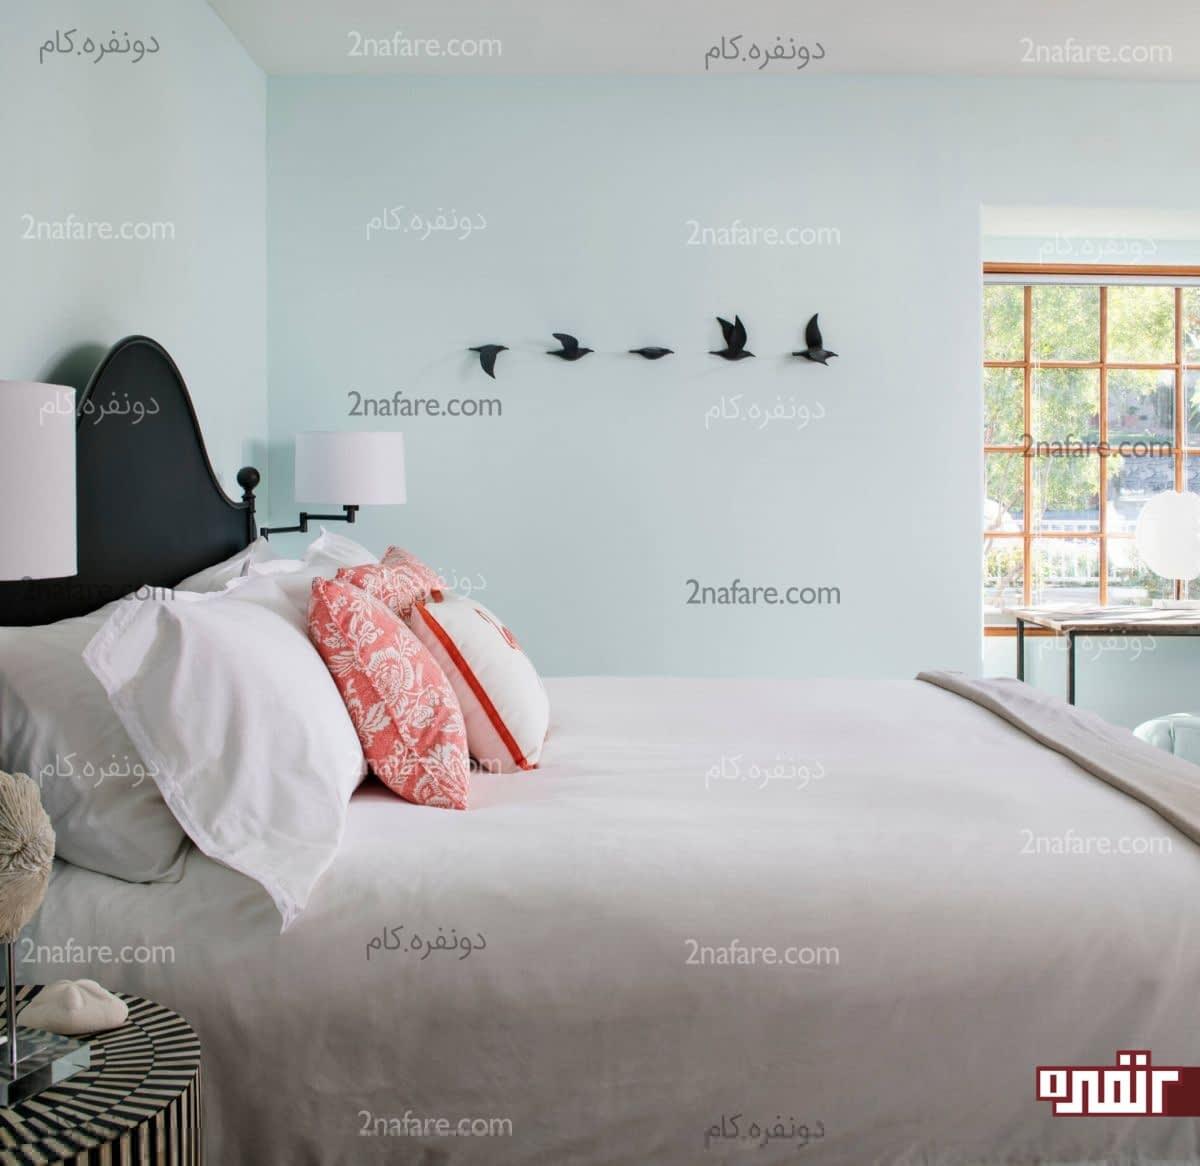 رنگ اتاق خواب، بهترین انتخاب ها برای اتاق خواب مدرن دونفره